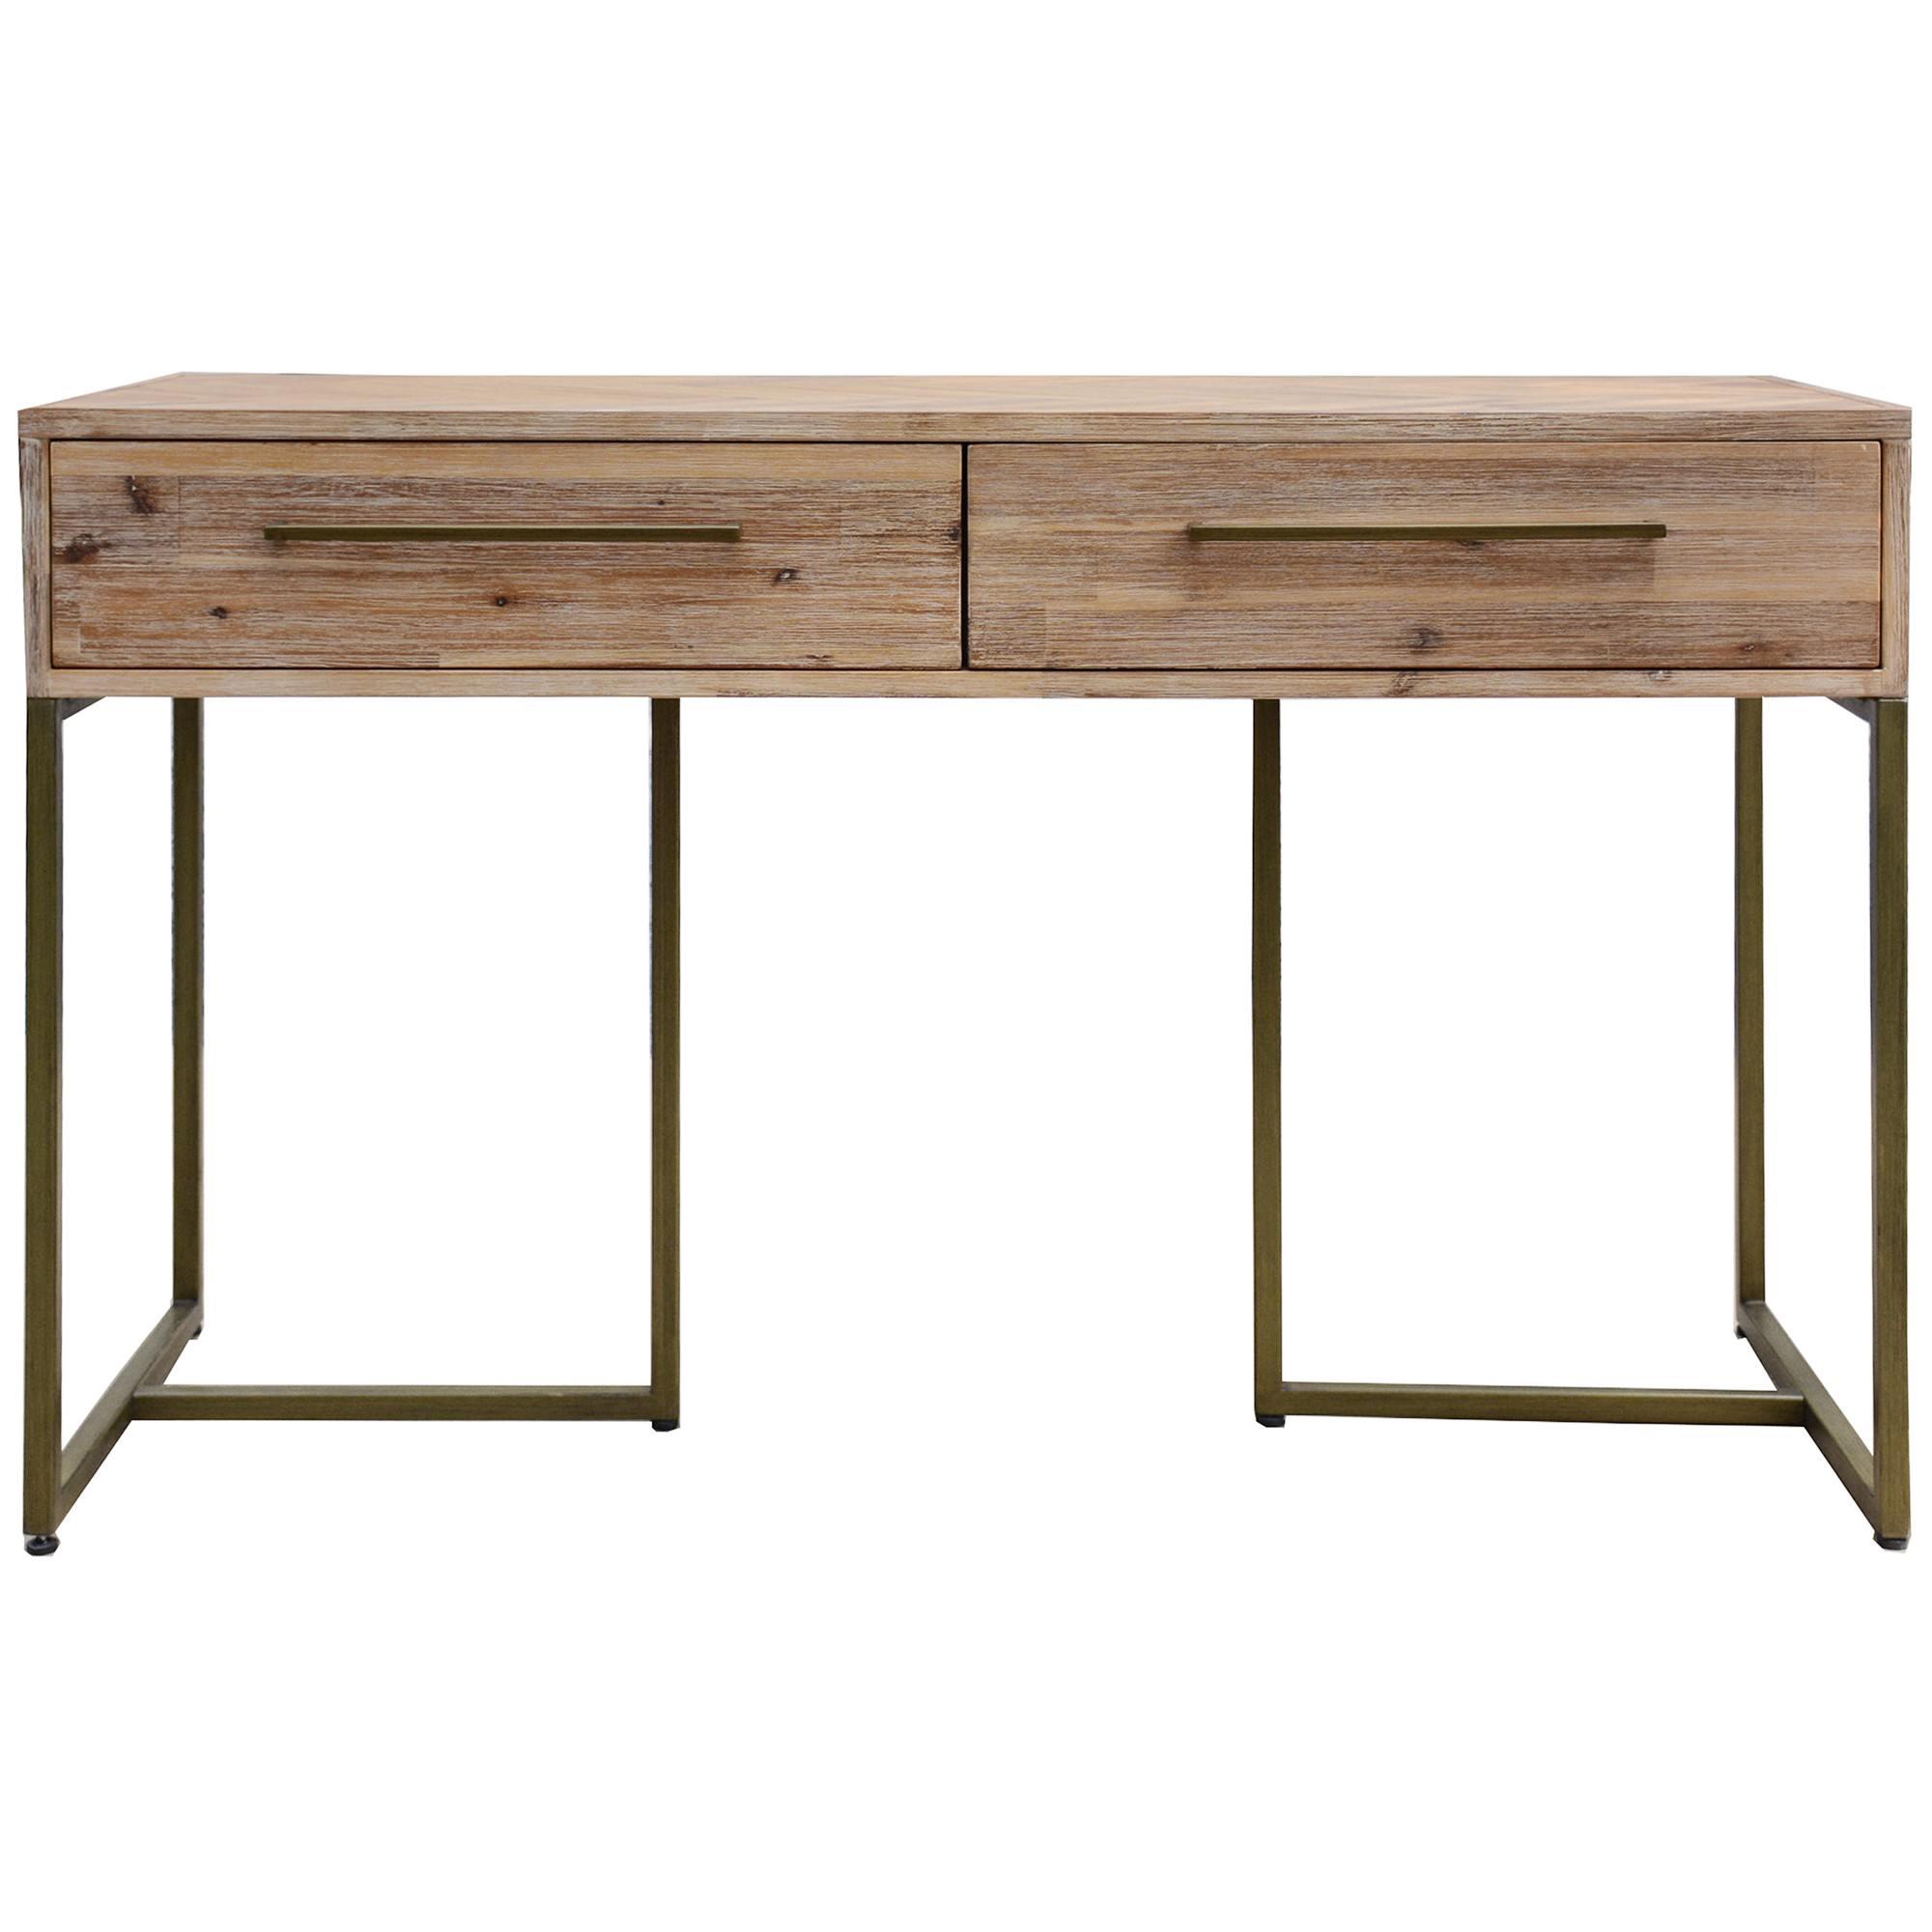 Nona Acacia Timber & Metal Console Table, 120cm